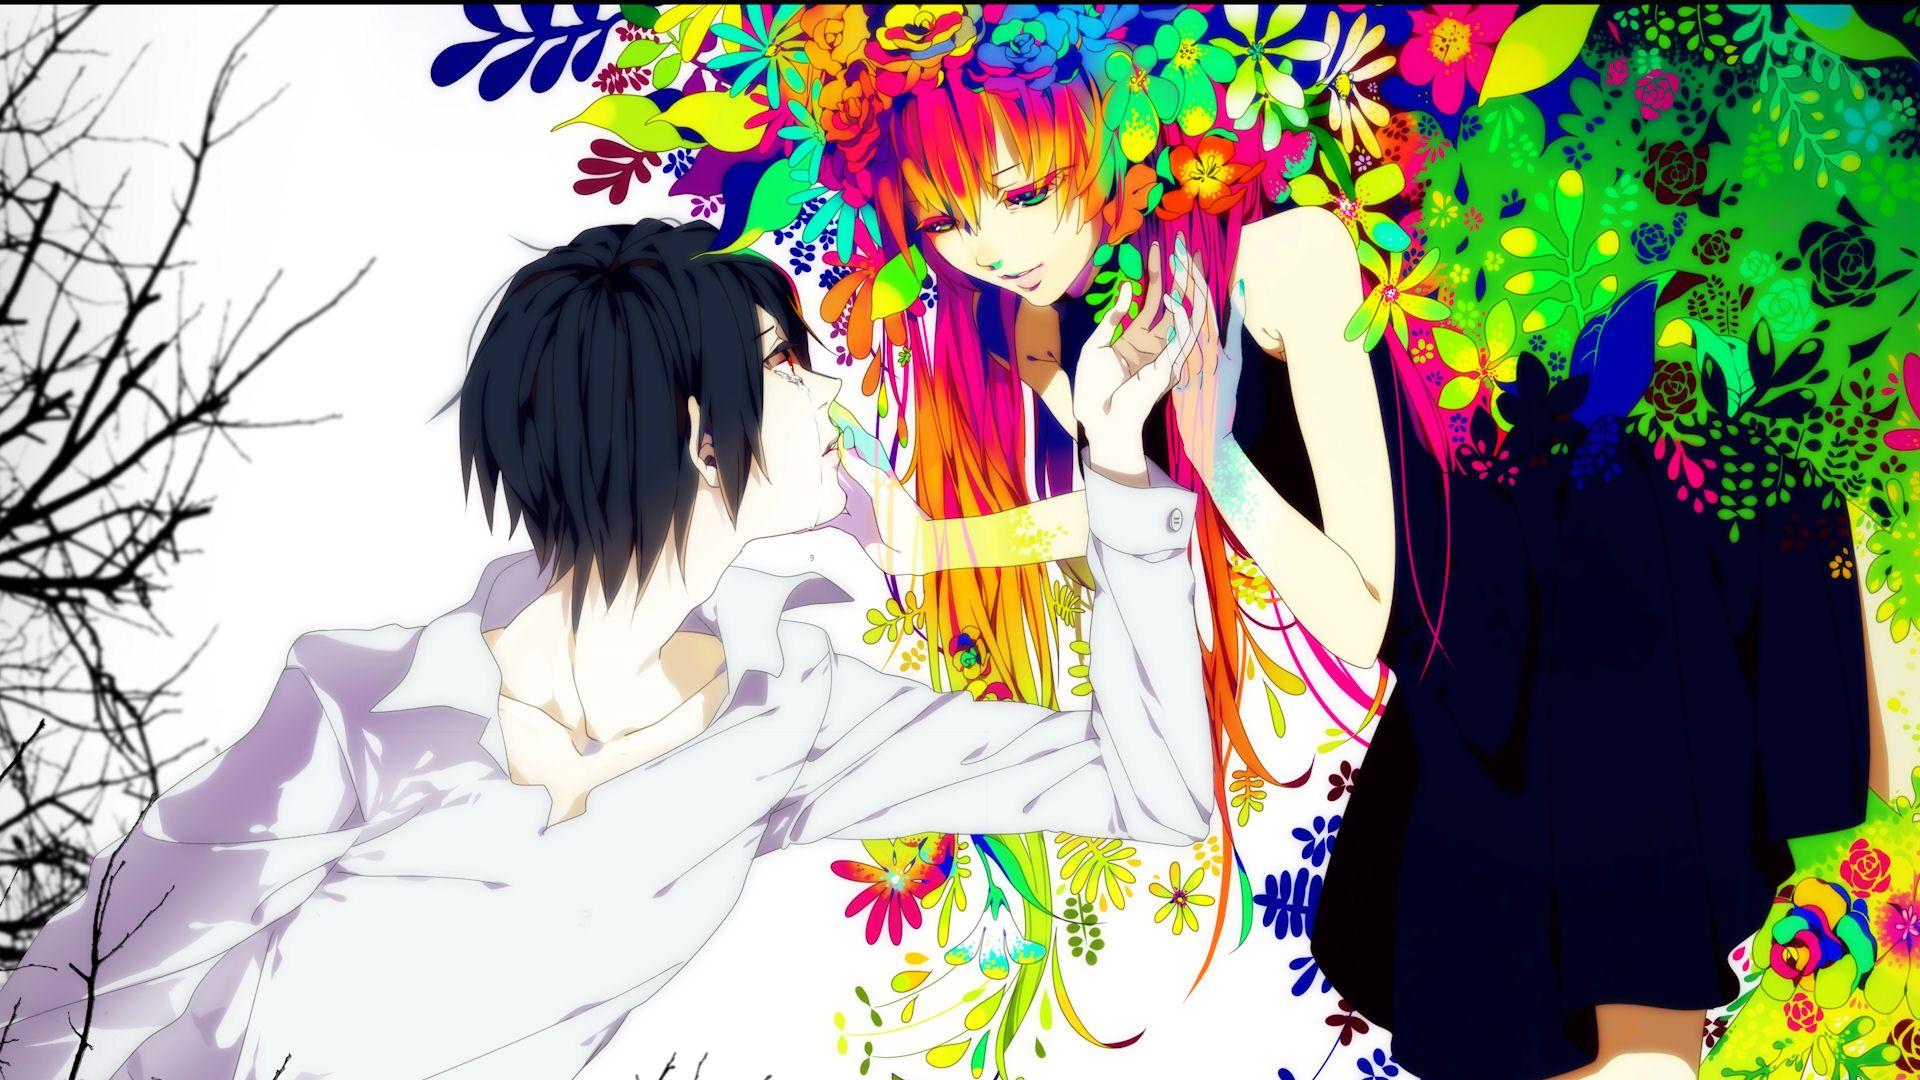 Anime Vocaloid Wallpaper Producción artística, Anime